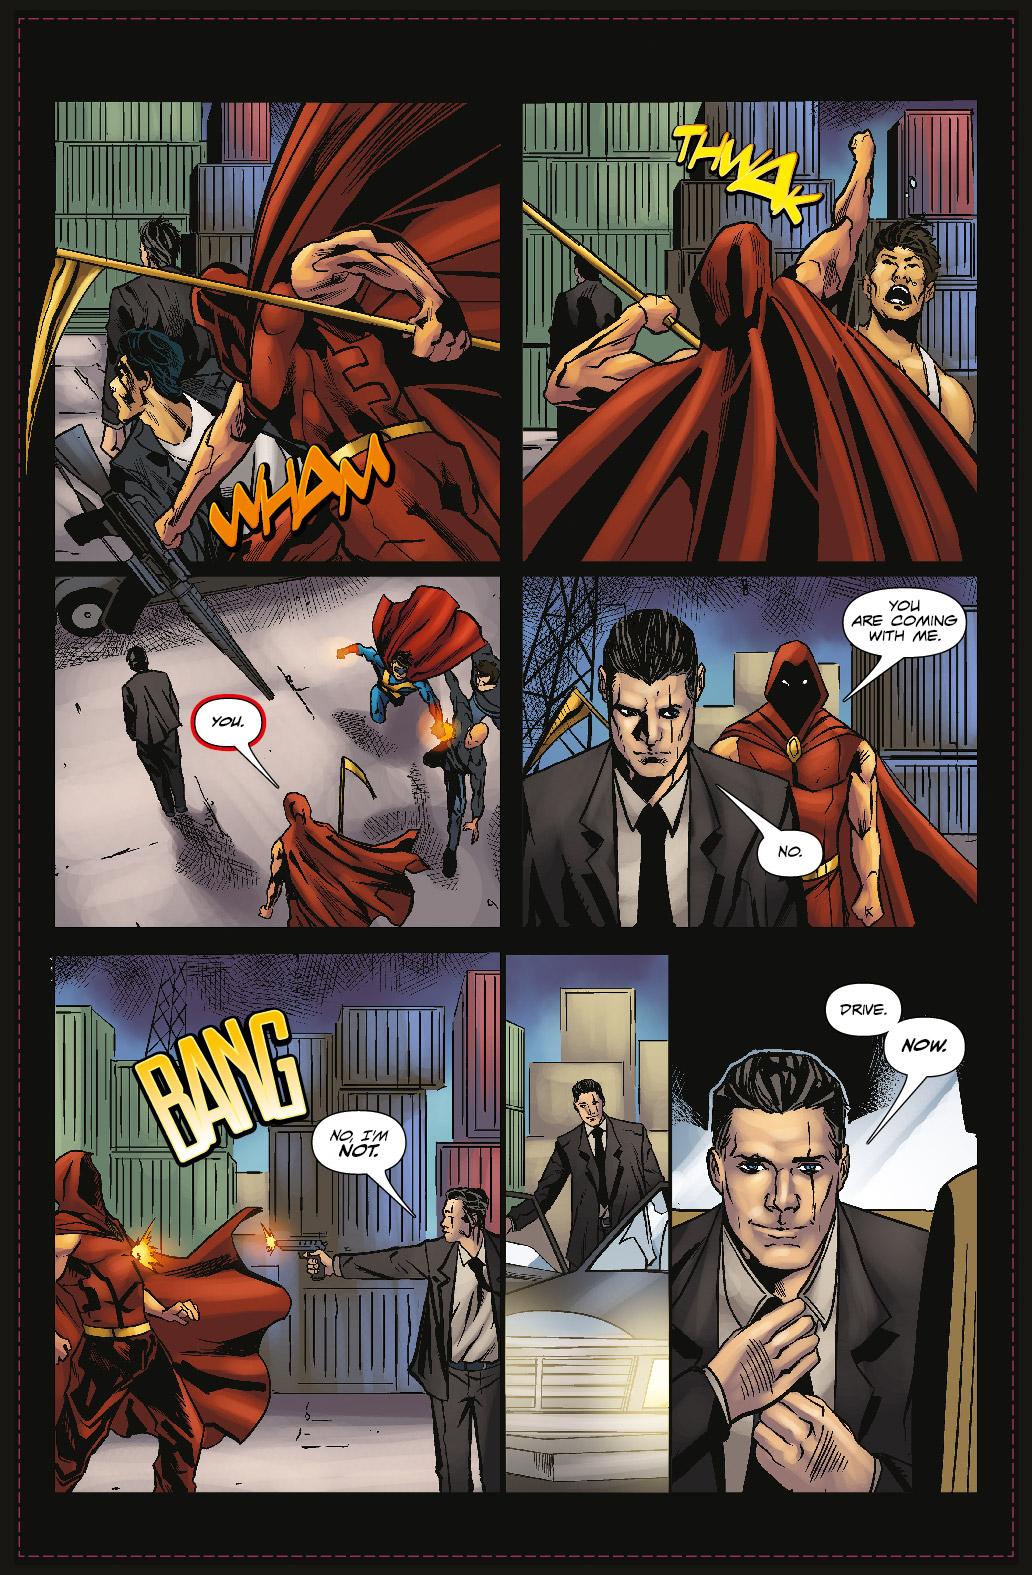 Kinetic 003 - Page 003-v4.jpg